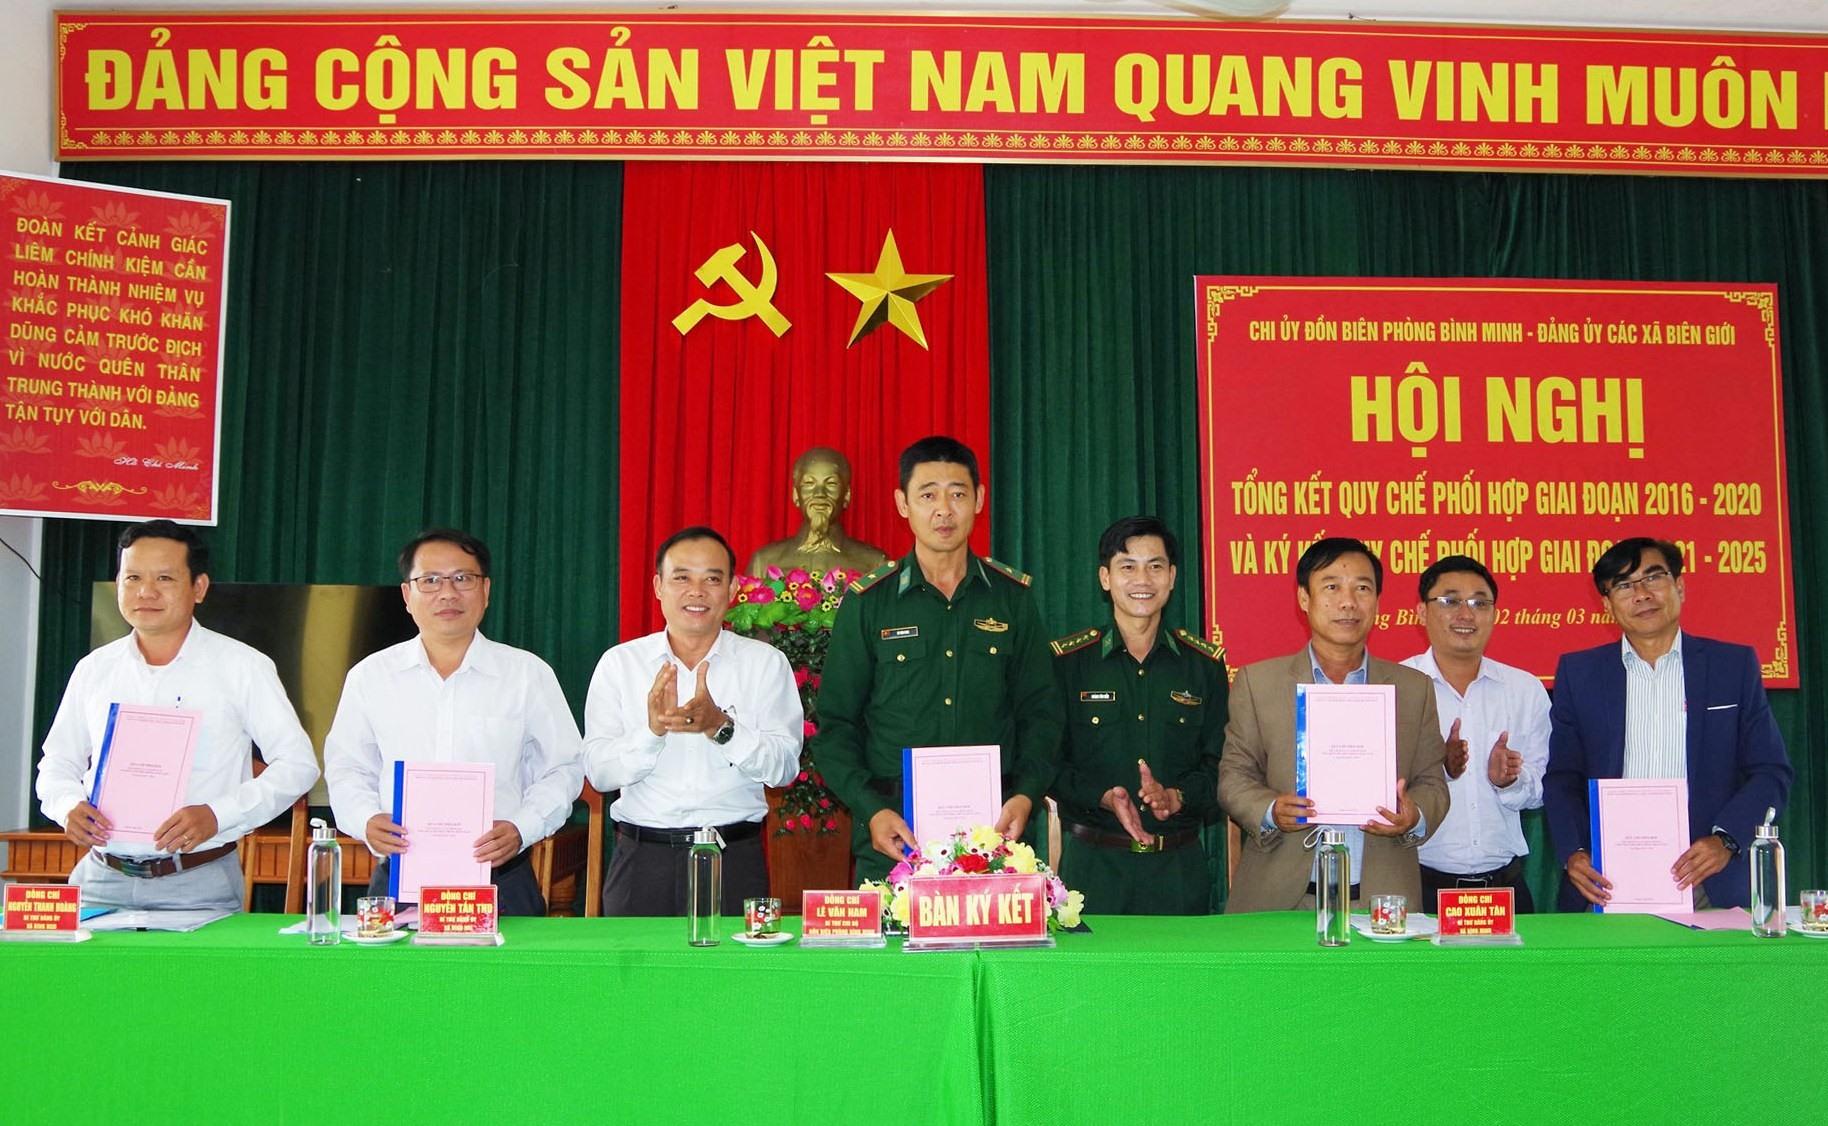 Chi ủy Đồn Biên phòng Bình Minh và Đảng ủy 4 xã Bình Minh, Bình Dương, Bình Hải và Bình Nam (Thăng Bình) tổng kết quy chế phối hợp